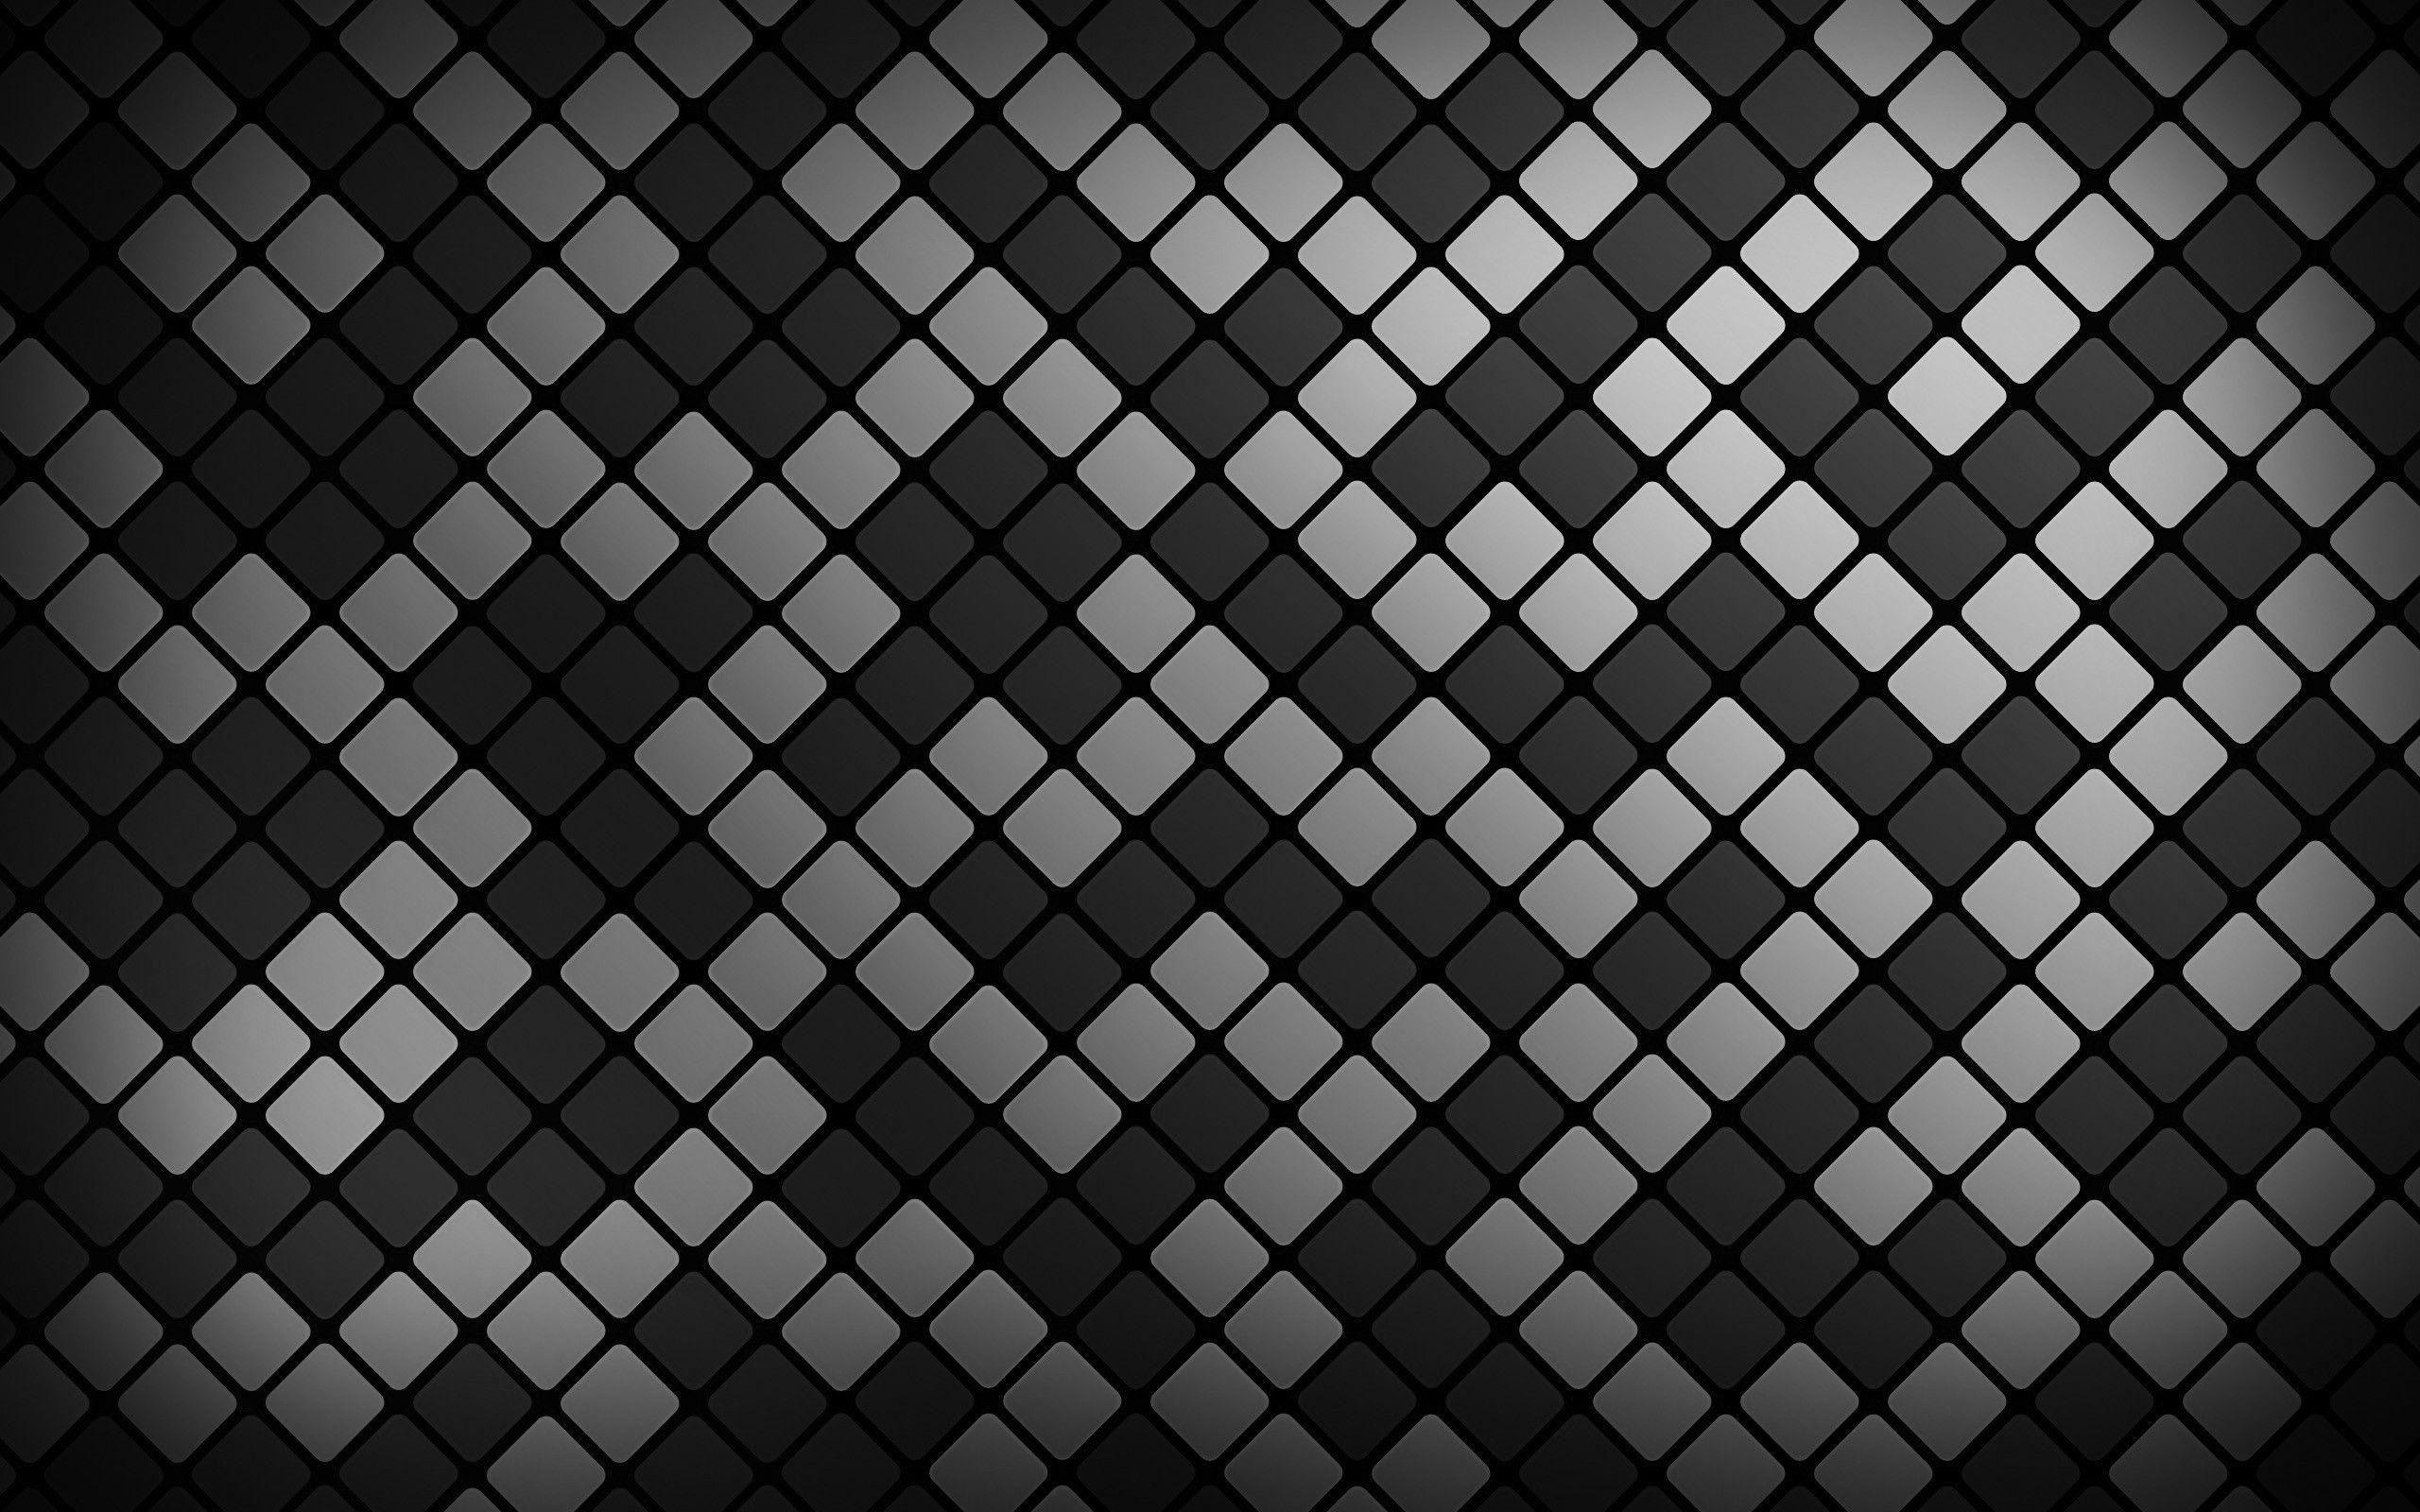 Background Wallpaper For Website White Background Images Website Backgrounds White Background Hd